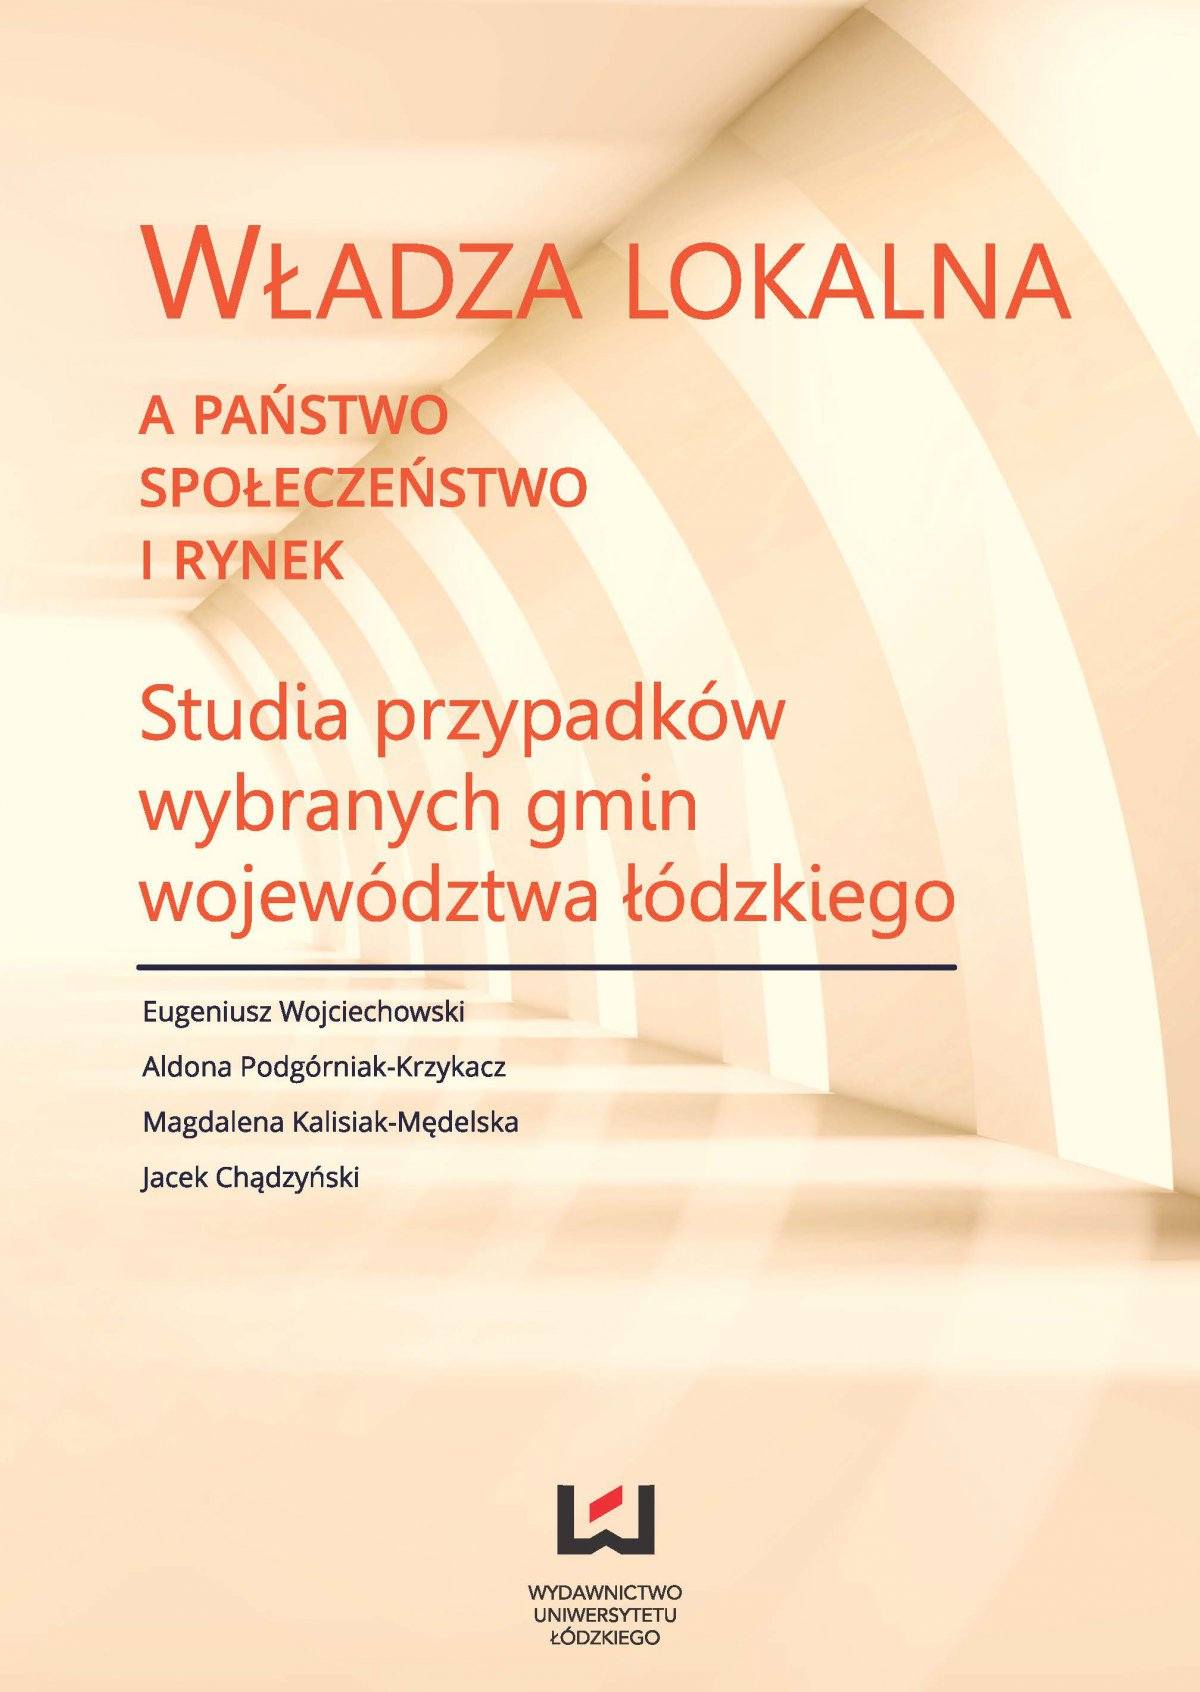 Władza lokalna a państwo, społeczeństwo i rynek. Studia przypadków wybranych gmin województwa łódzkiego - Ebook (Książka PDF) do pobrania w formacie PDF